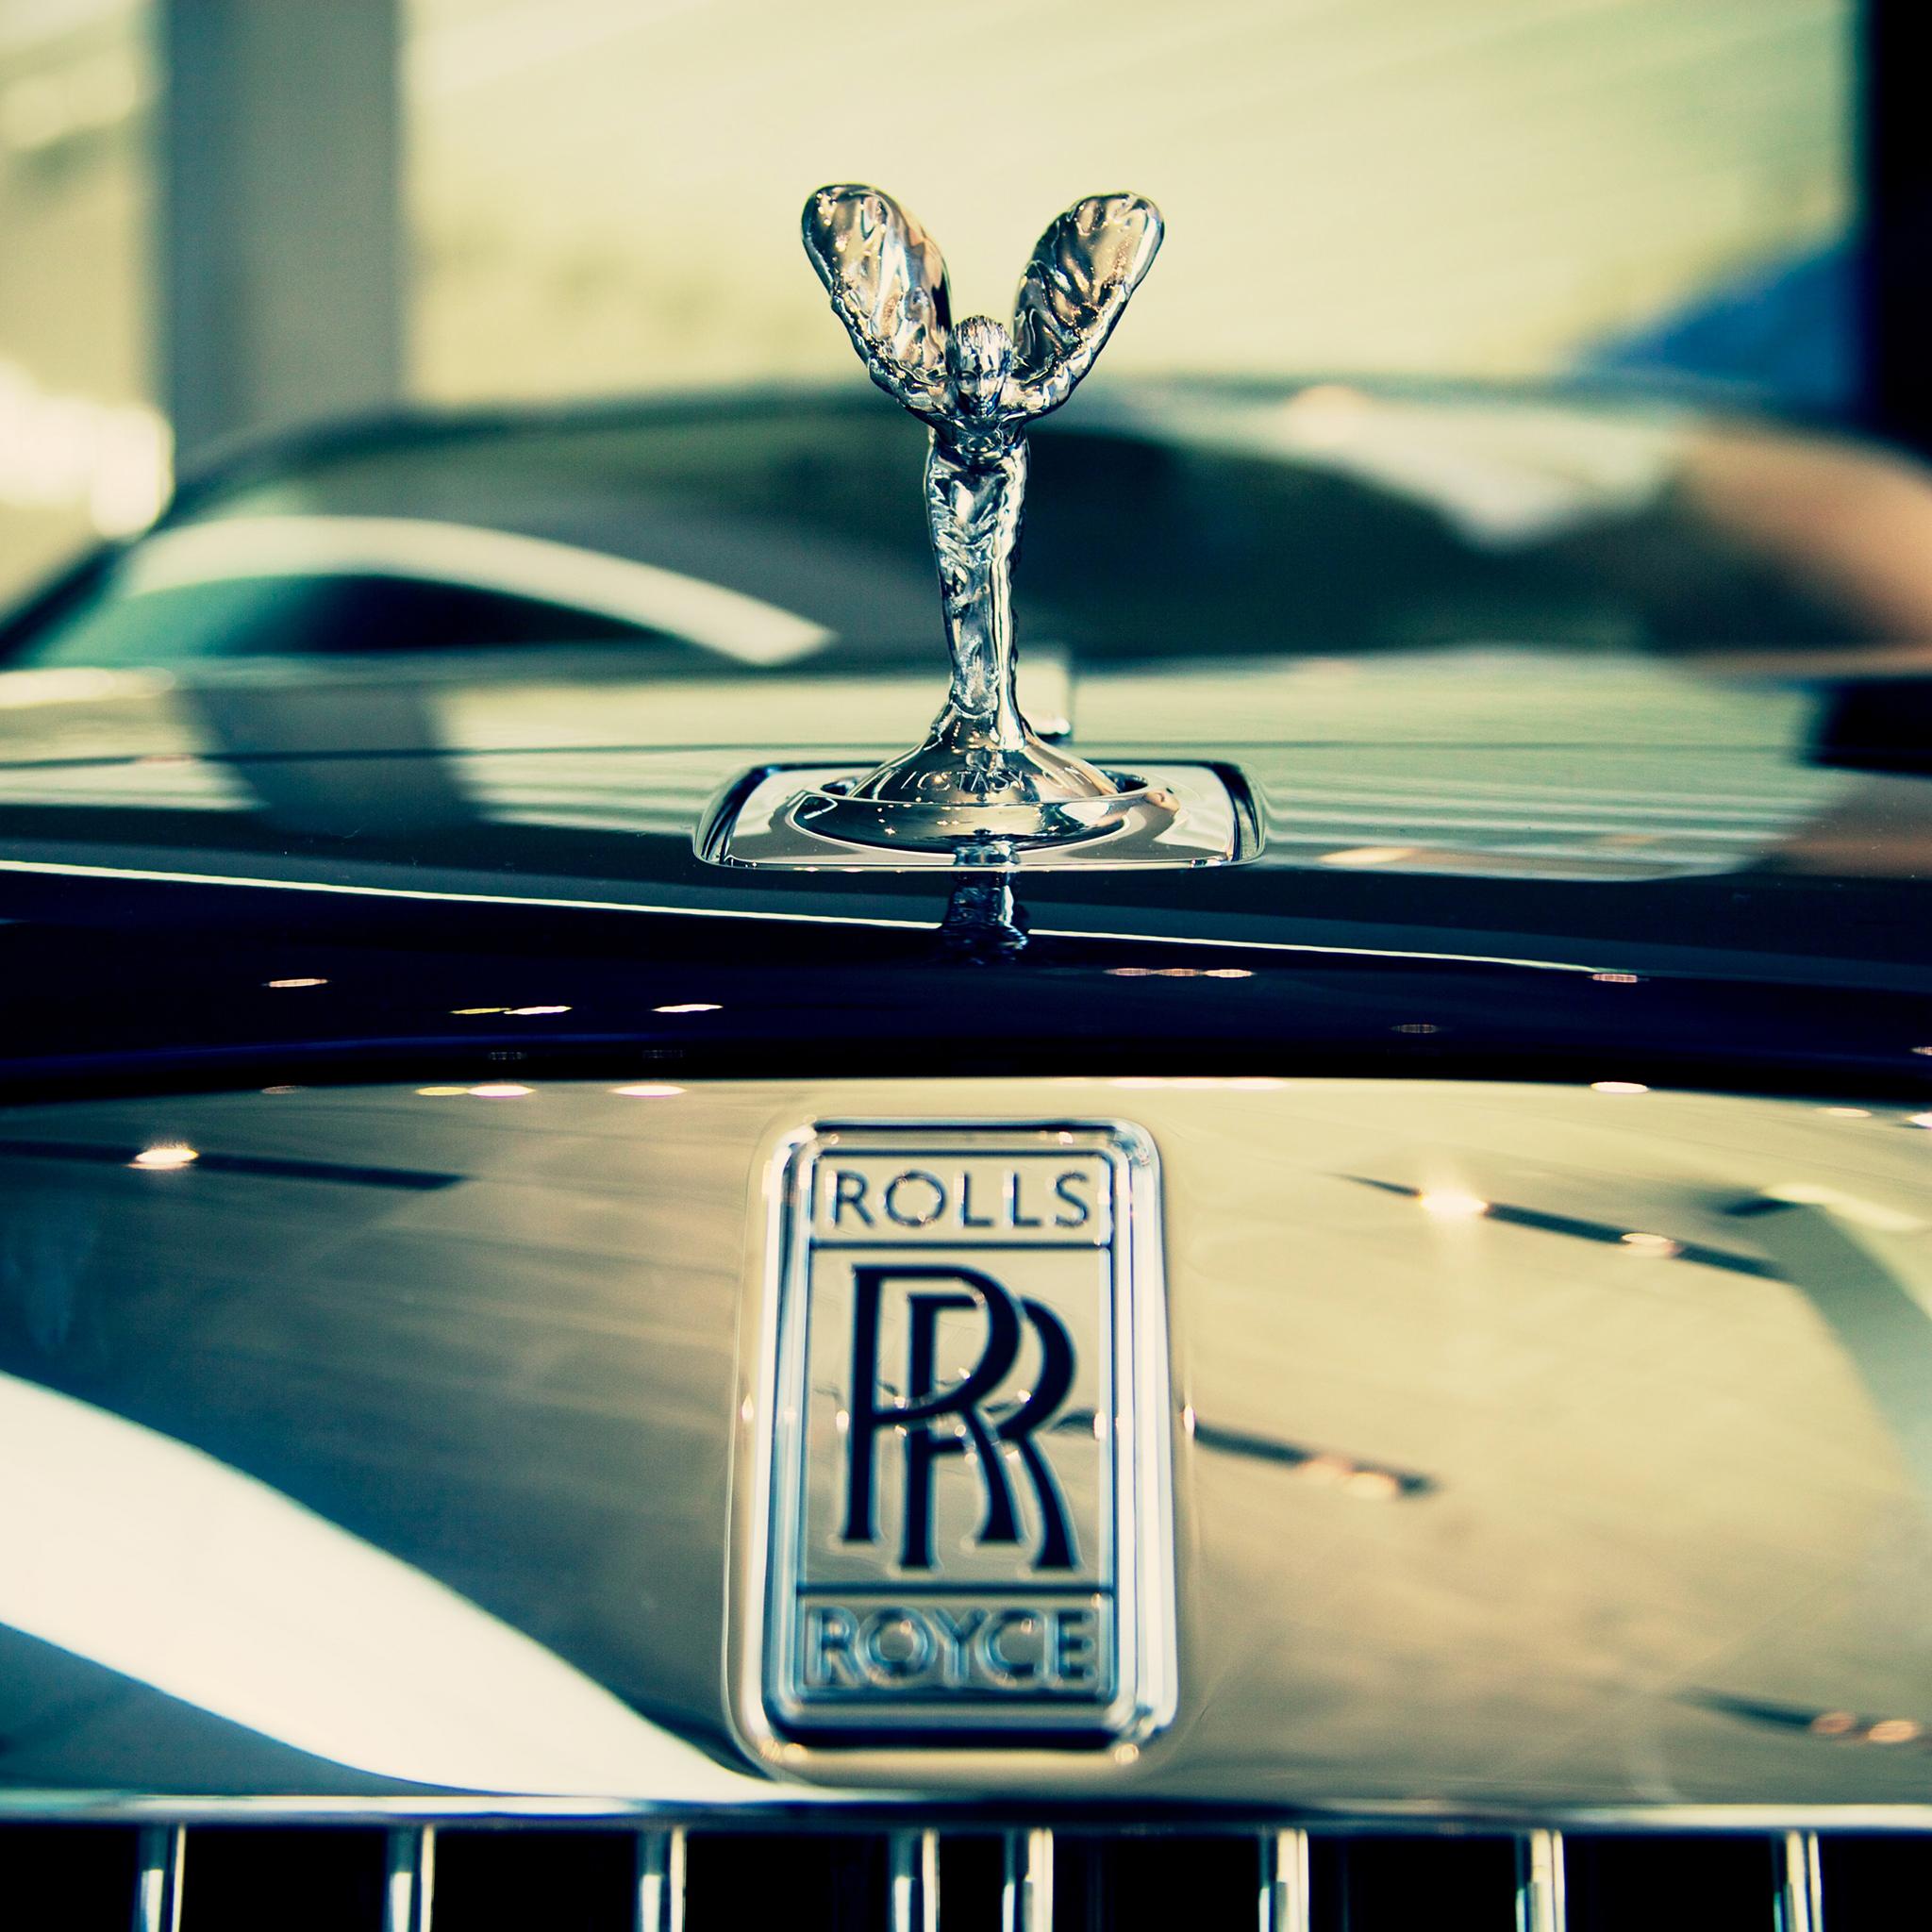 Rolls Royce 3Wallppaers ipad Retina Rolls Royce   iPad